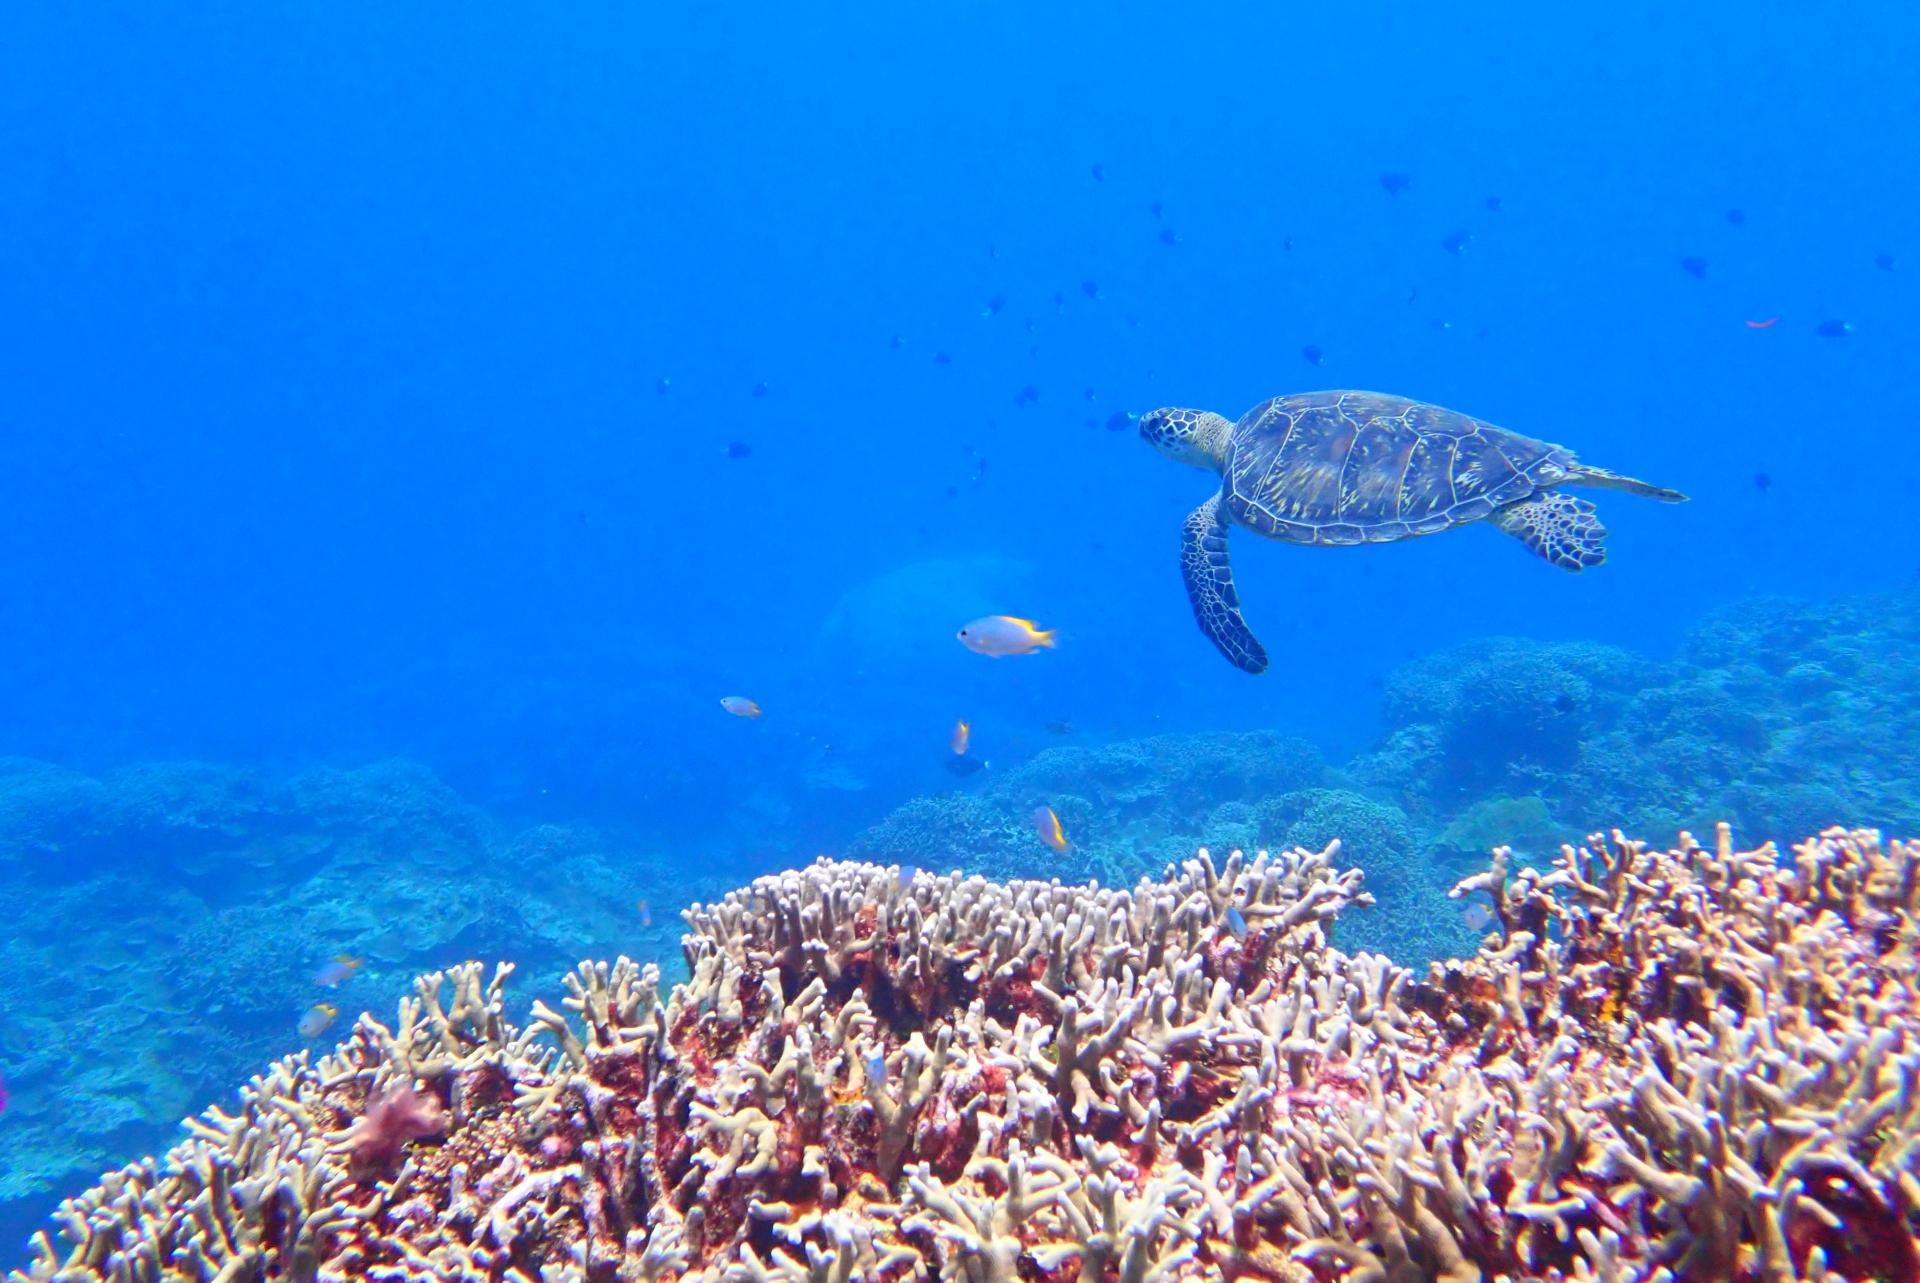 沖縄本島でウミガメの赤ちゃんが海に旅立つ瞬間に遭遇できた!